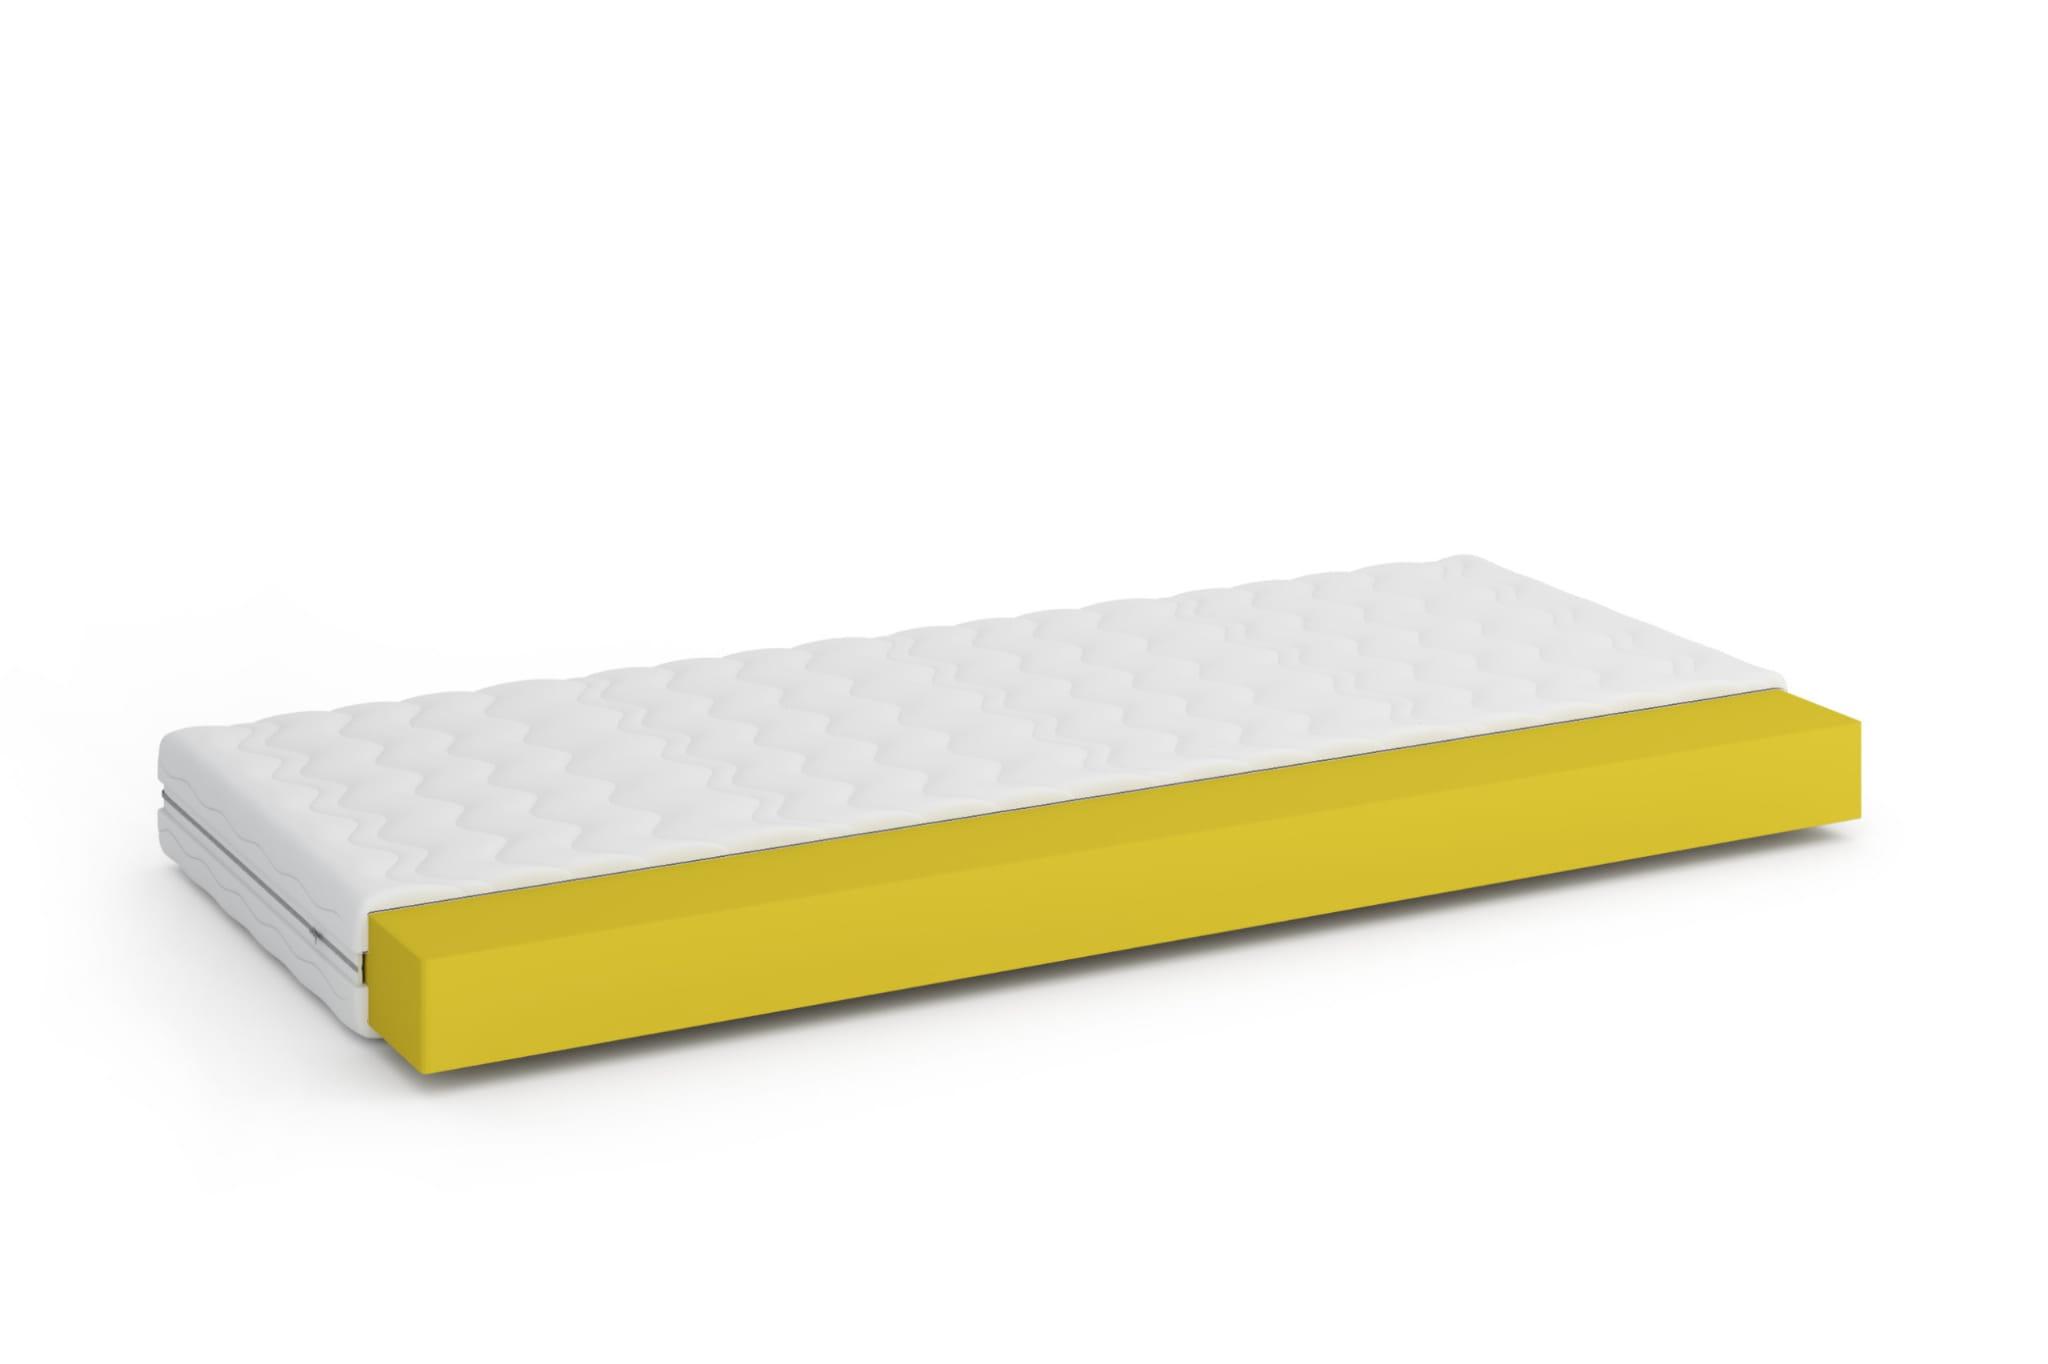 matratze visco memory schaum deine moebel 24 einfach einrichten. Black Bedroom Furniture Sets. Home Design Ideas